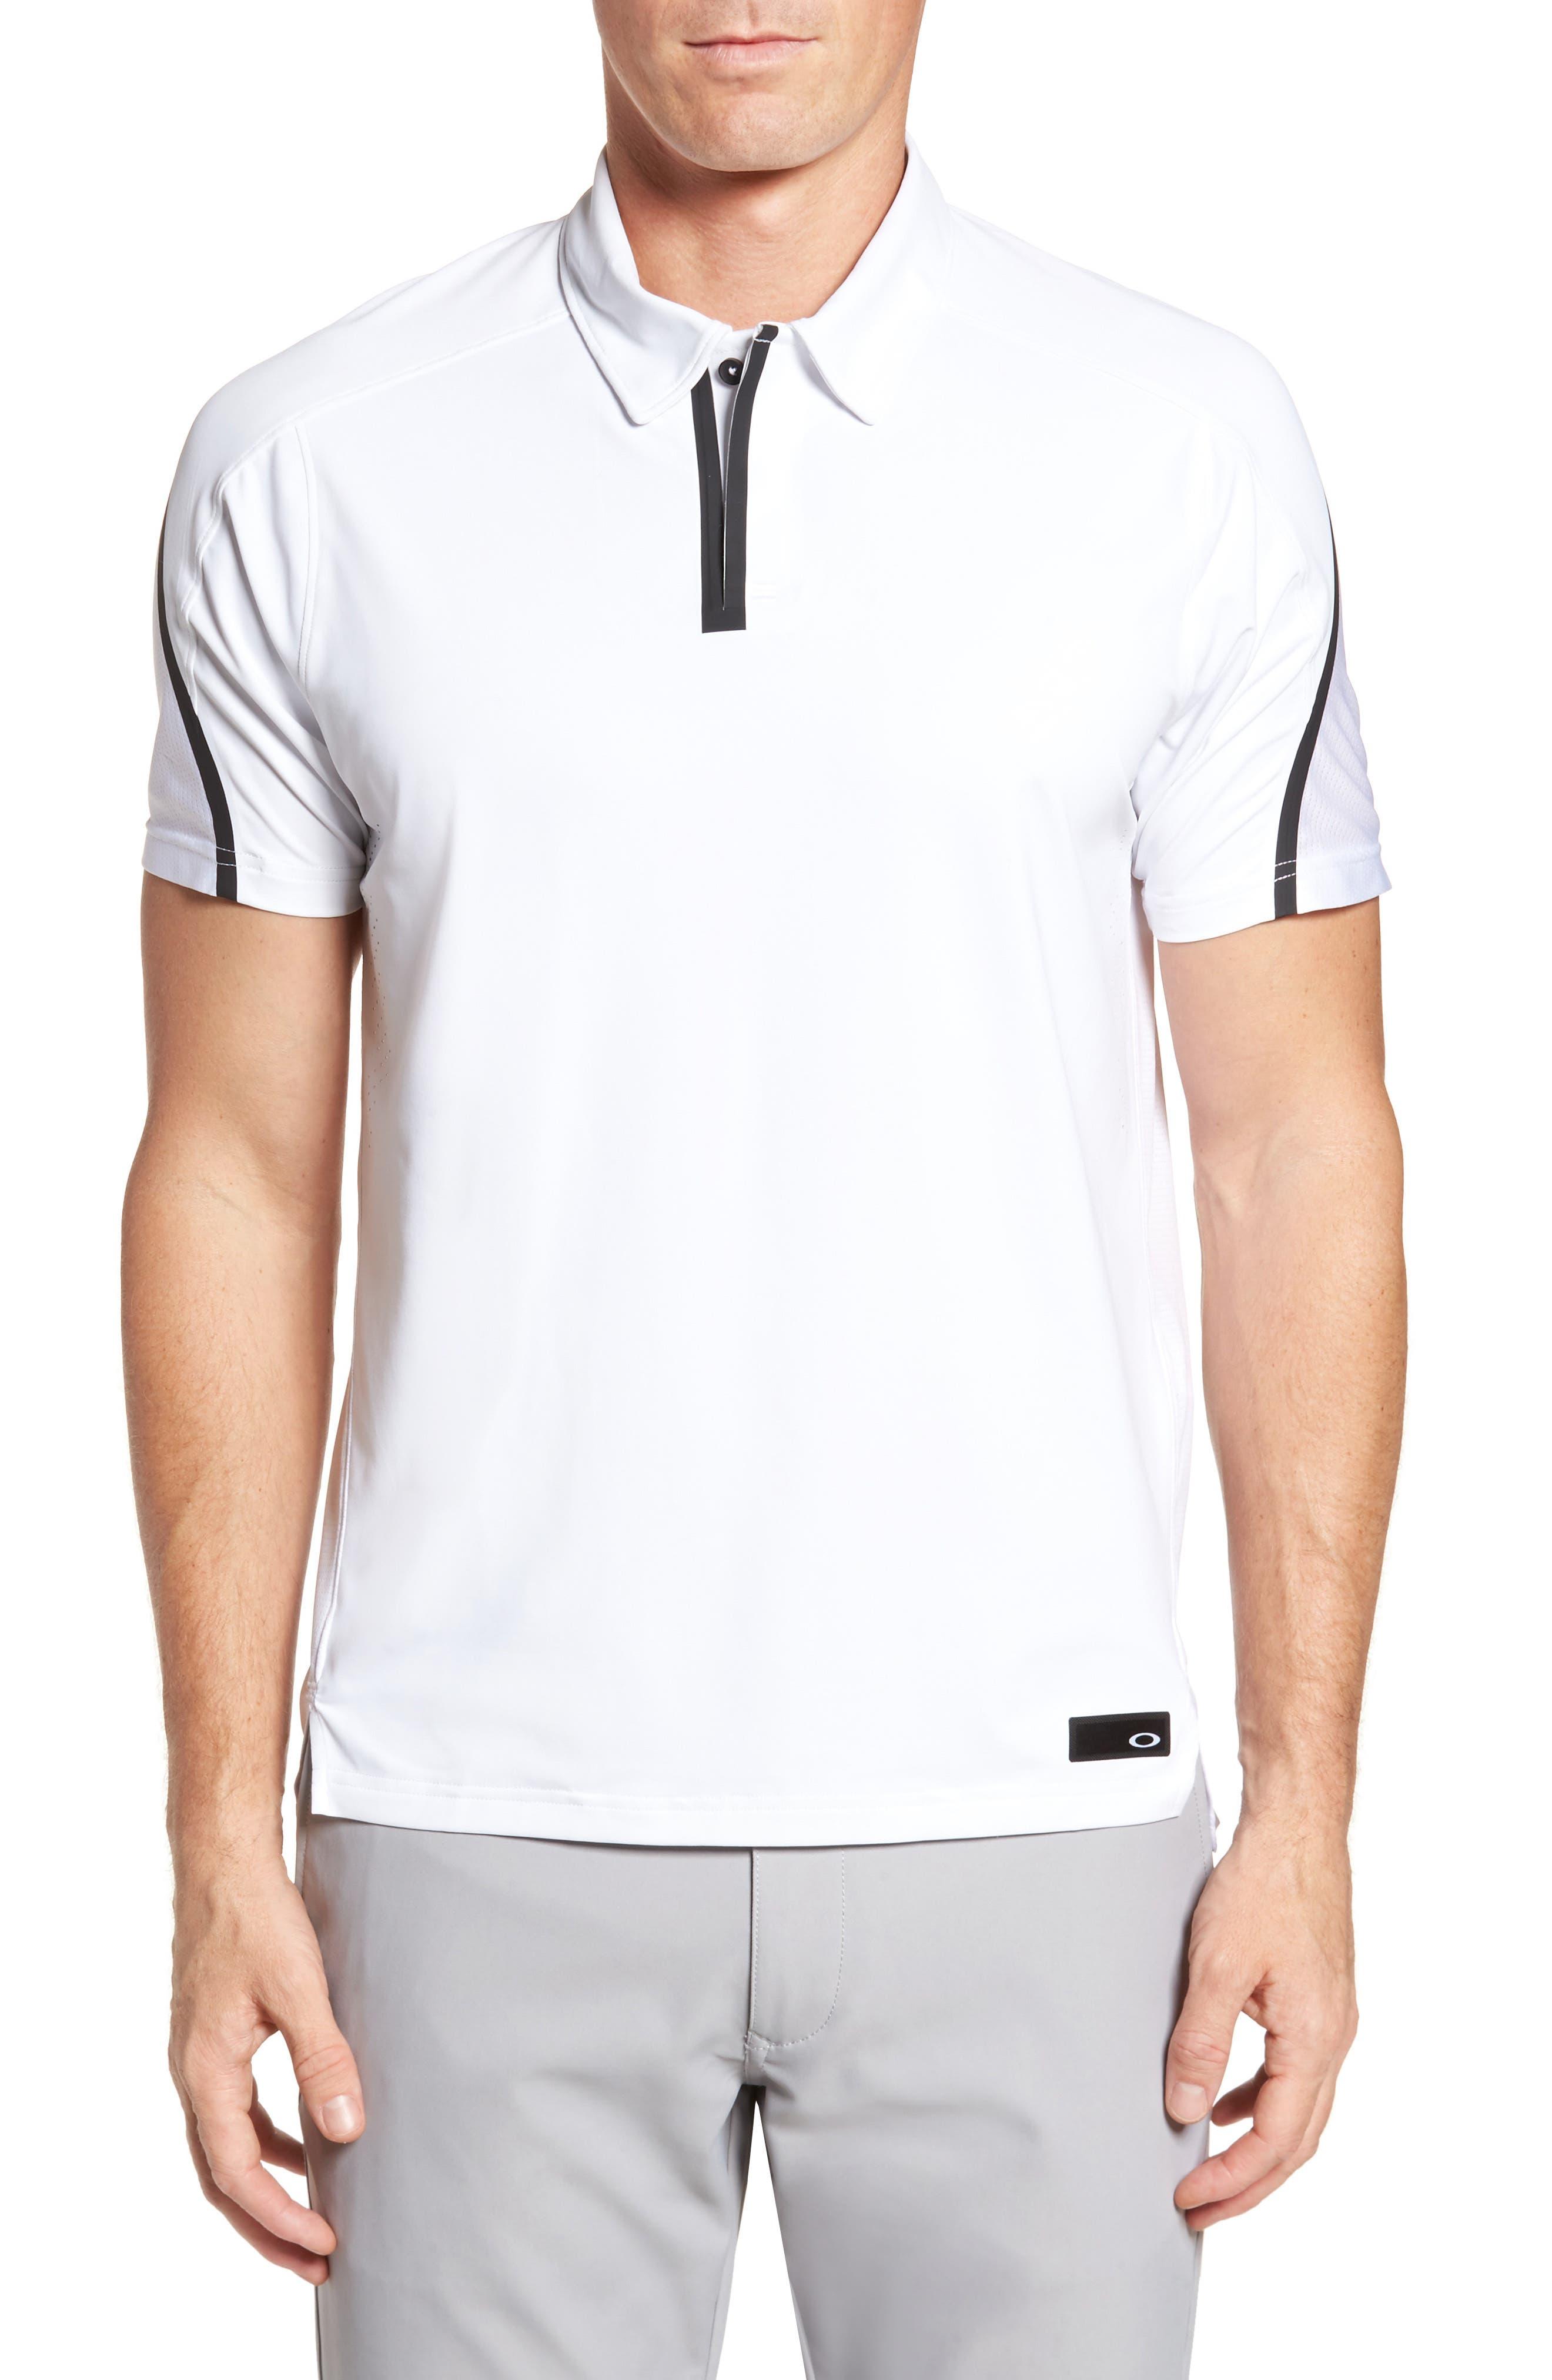 Oakley Velocity Polo Shirt